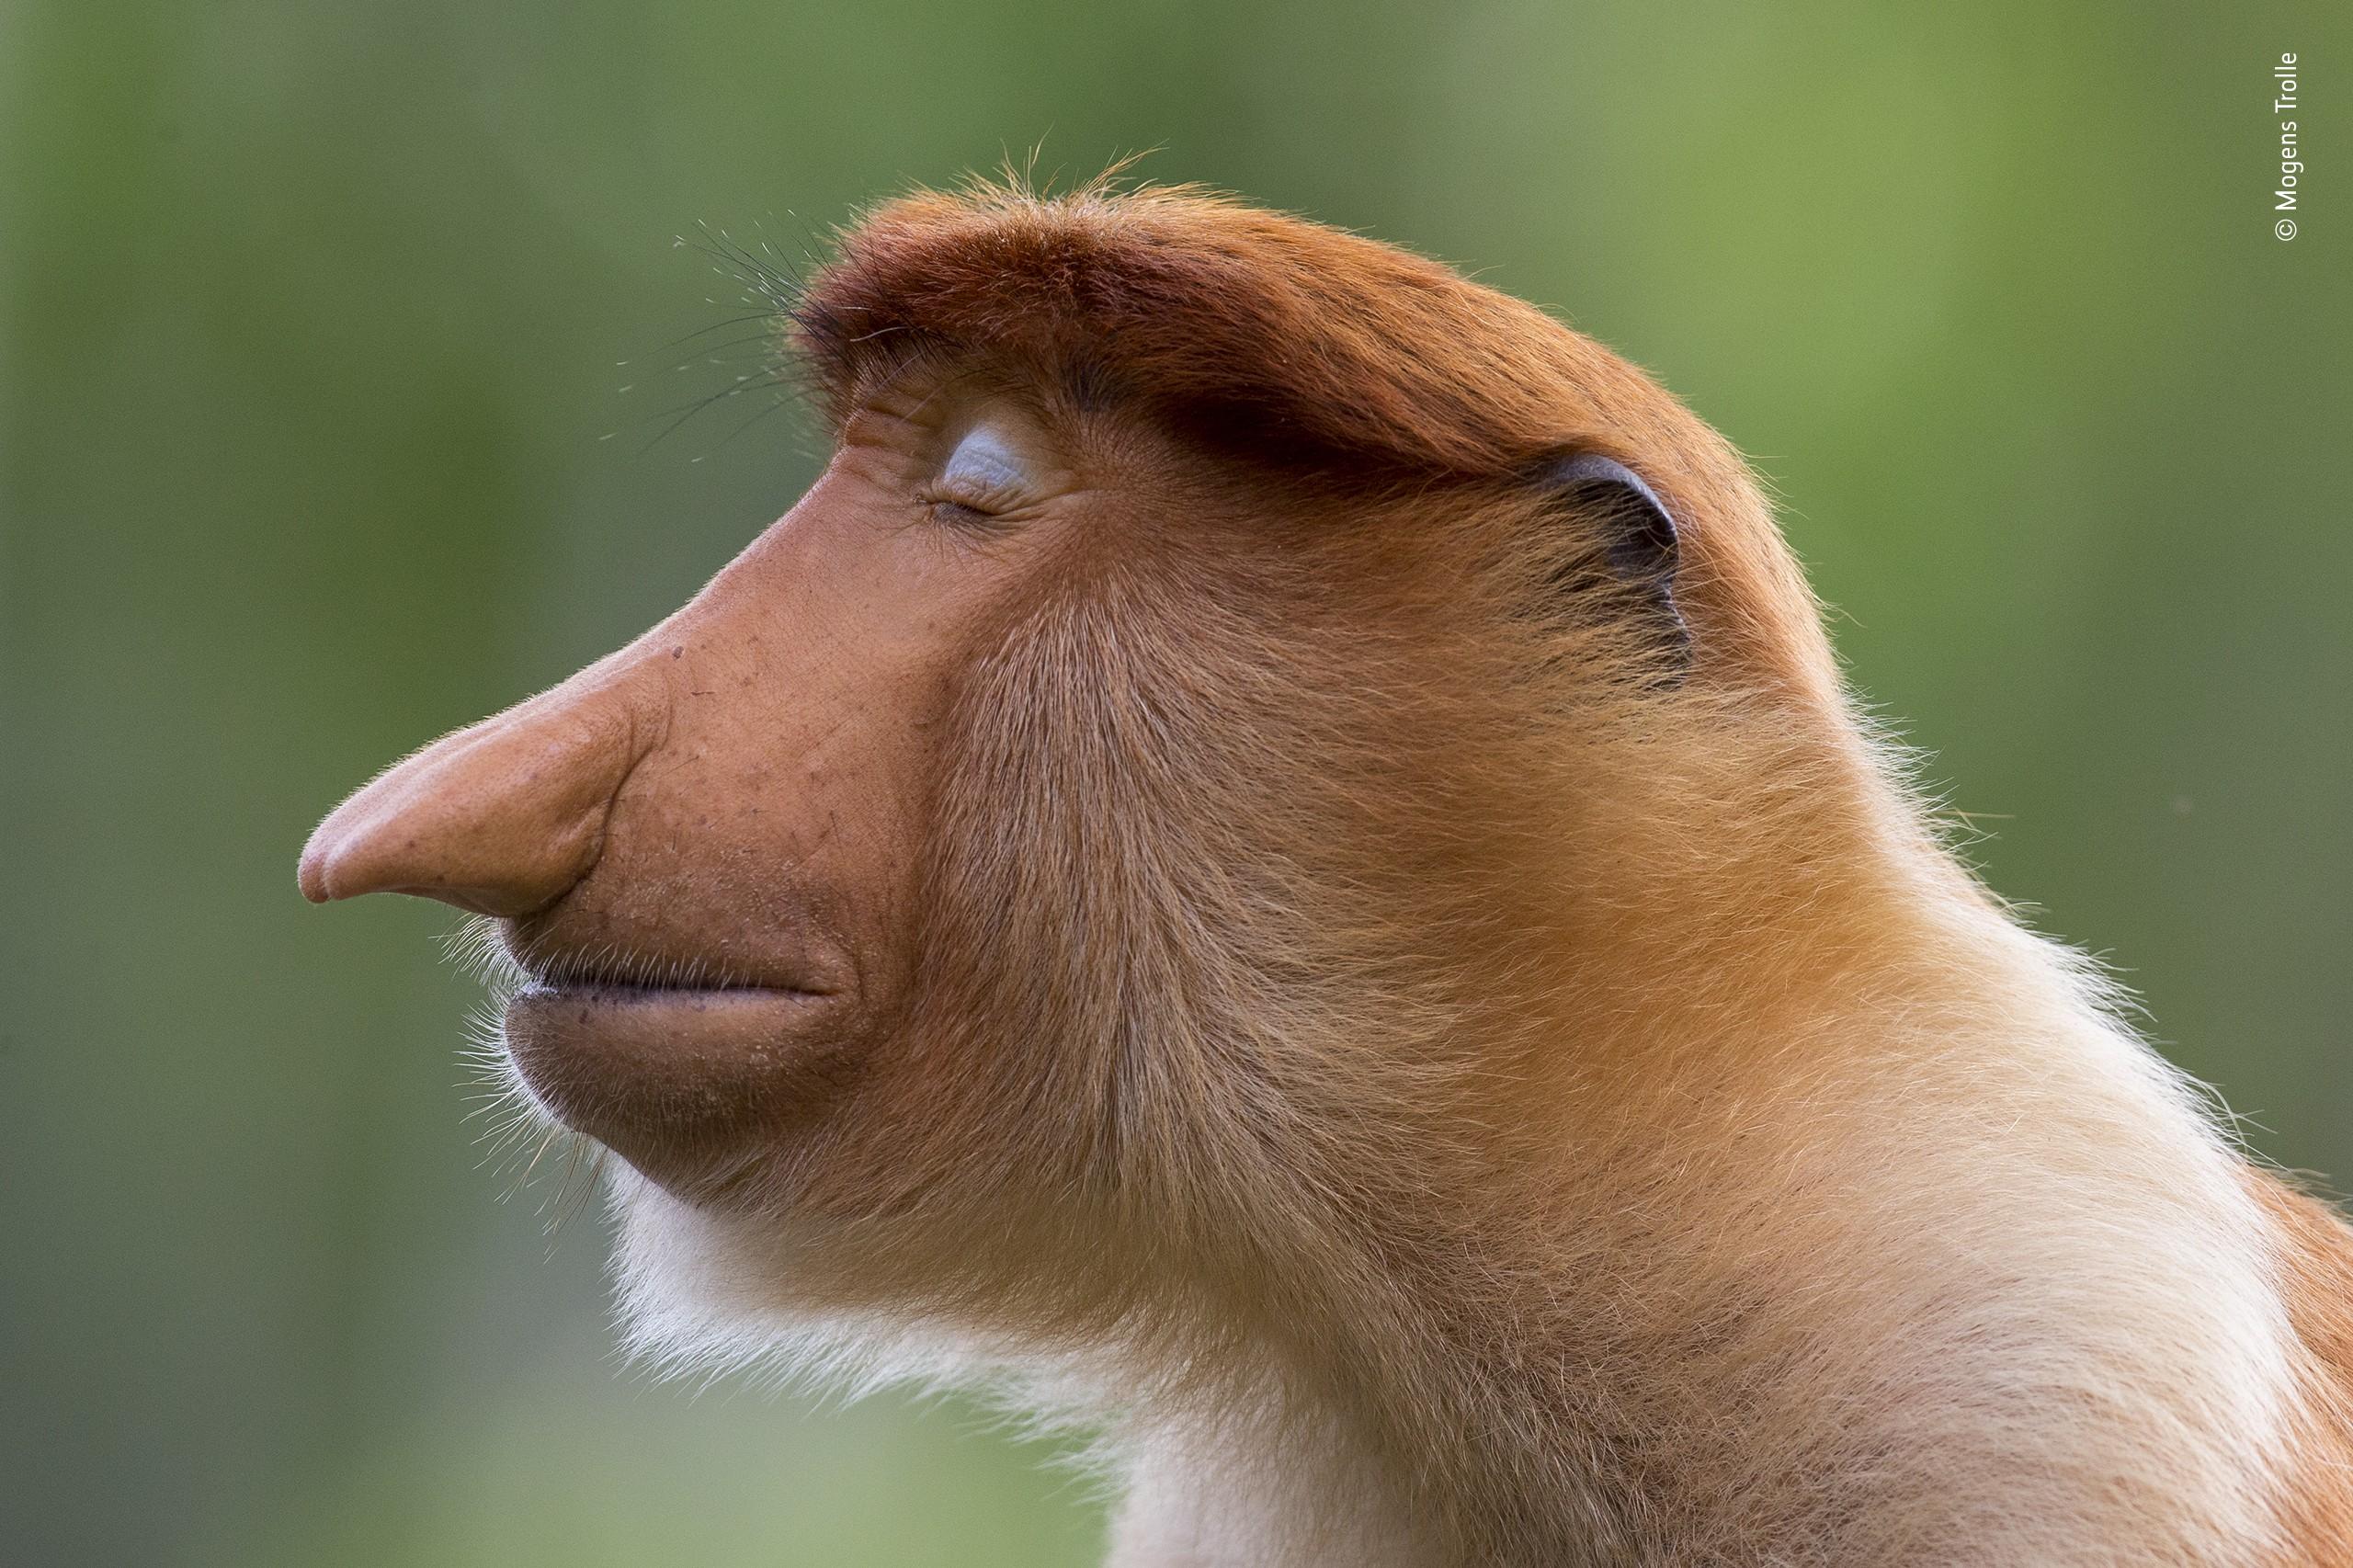 Победитель в категории «Портреты животных», 2020. Носач, кажется, медитирует. Автор Могенс Тролль